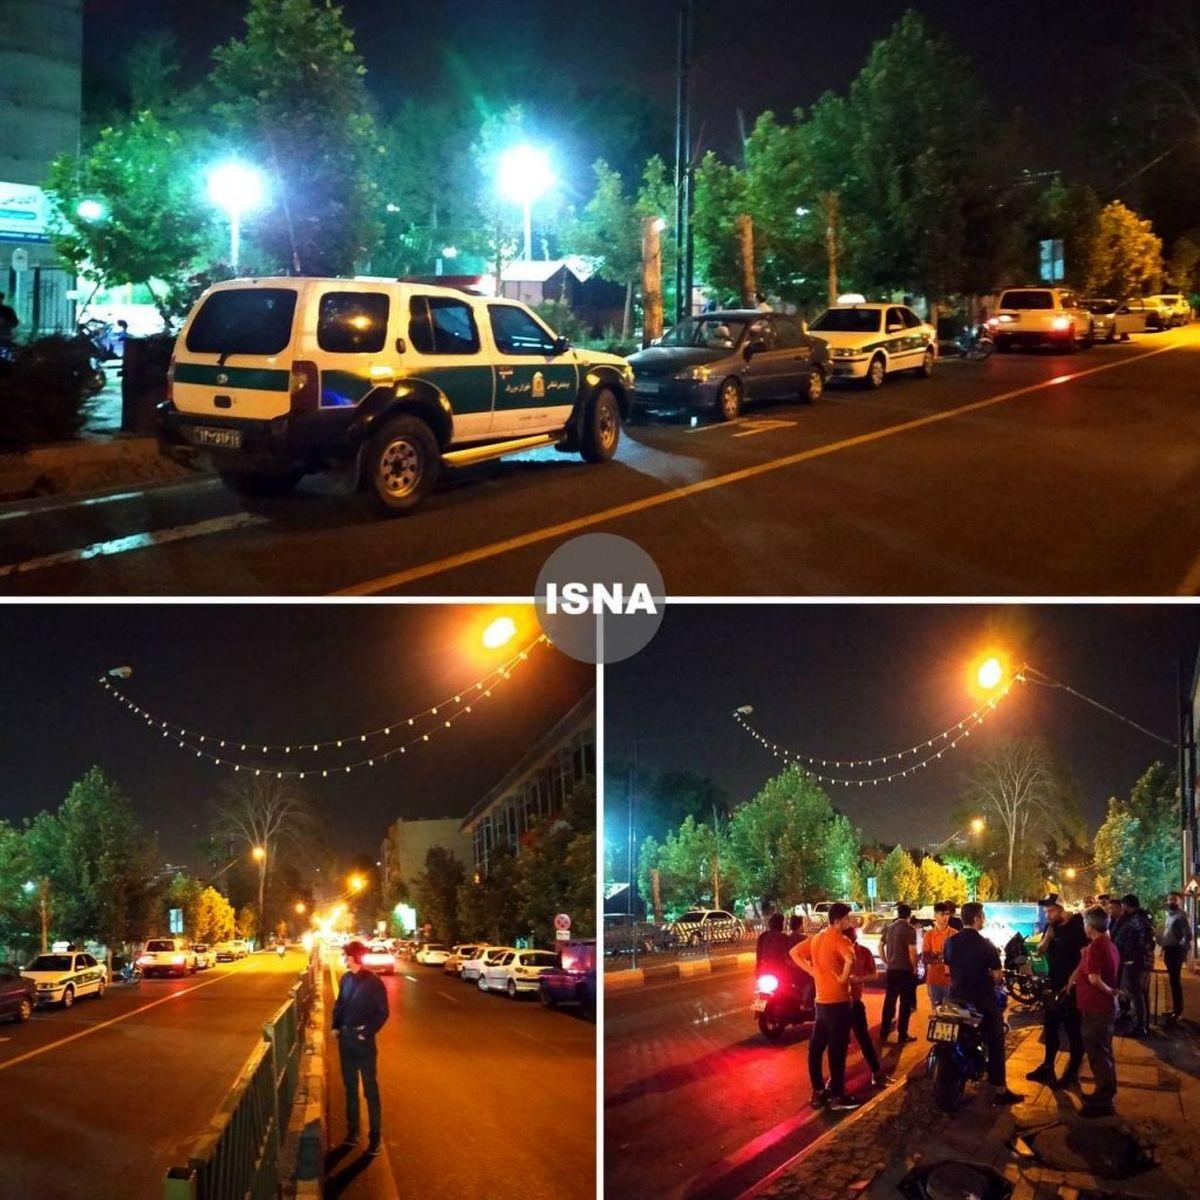 جزئیات انفجار در تهران بررسی شد